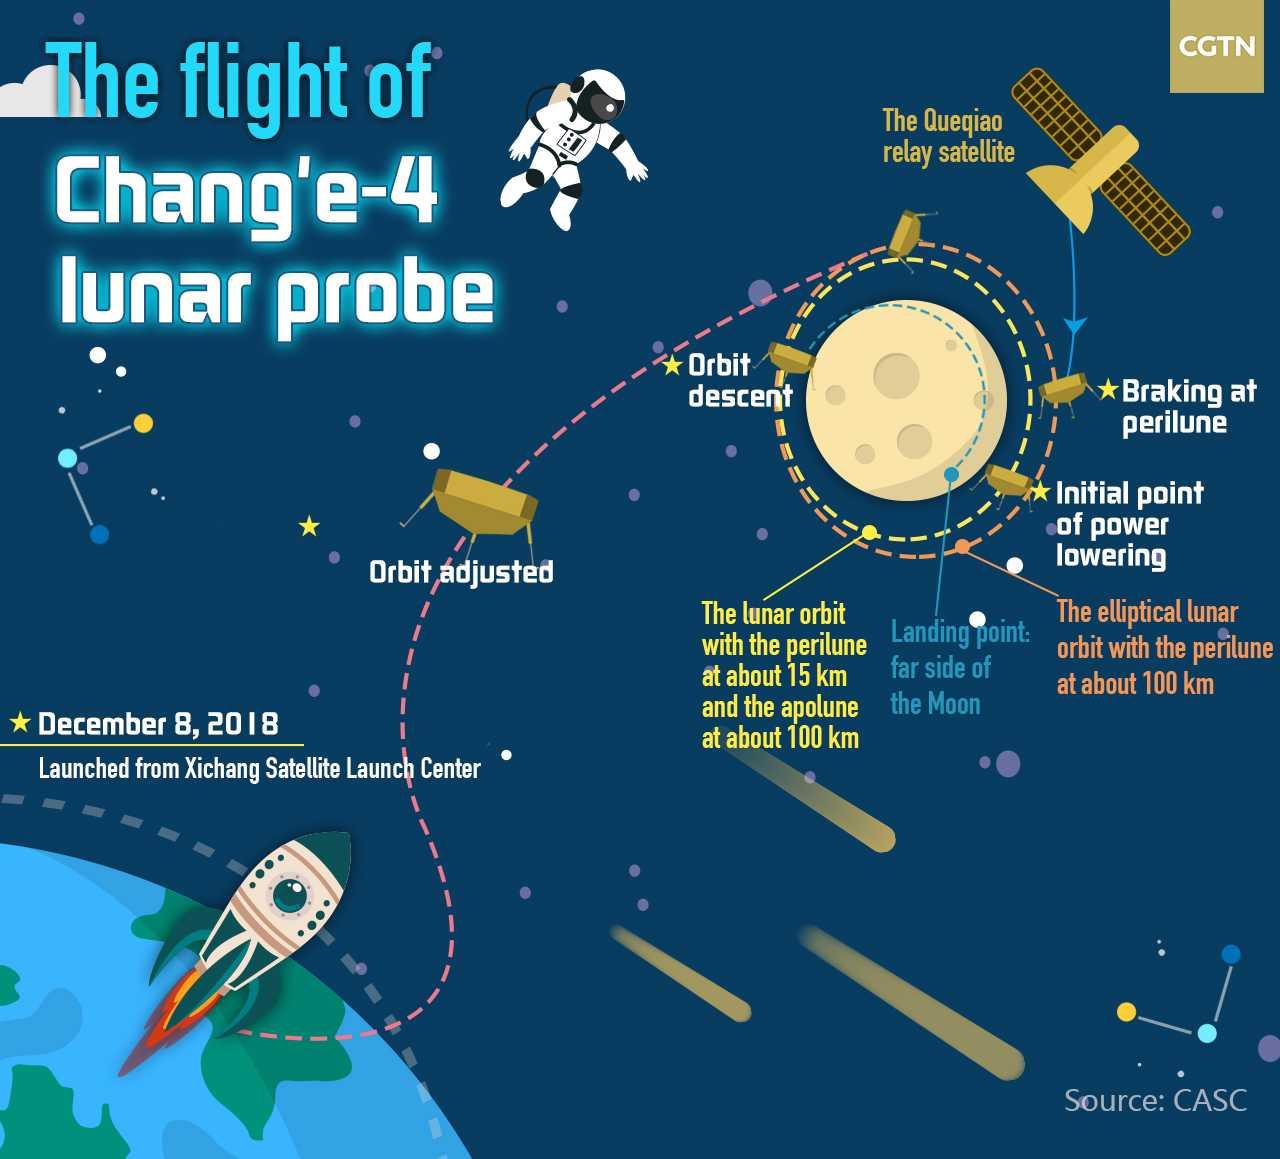 Космический аппарат «Чанъэ-4» совершил успешную посадку на обратной стороне Луны и прислал первое фото - 16